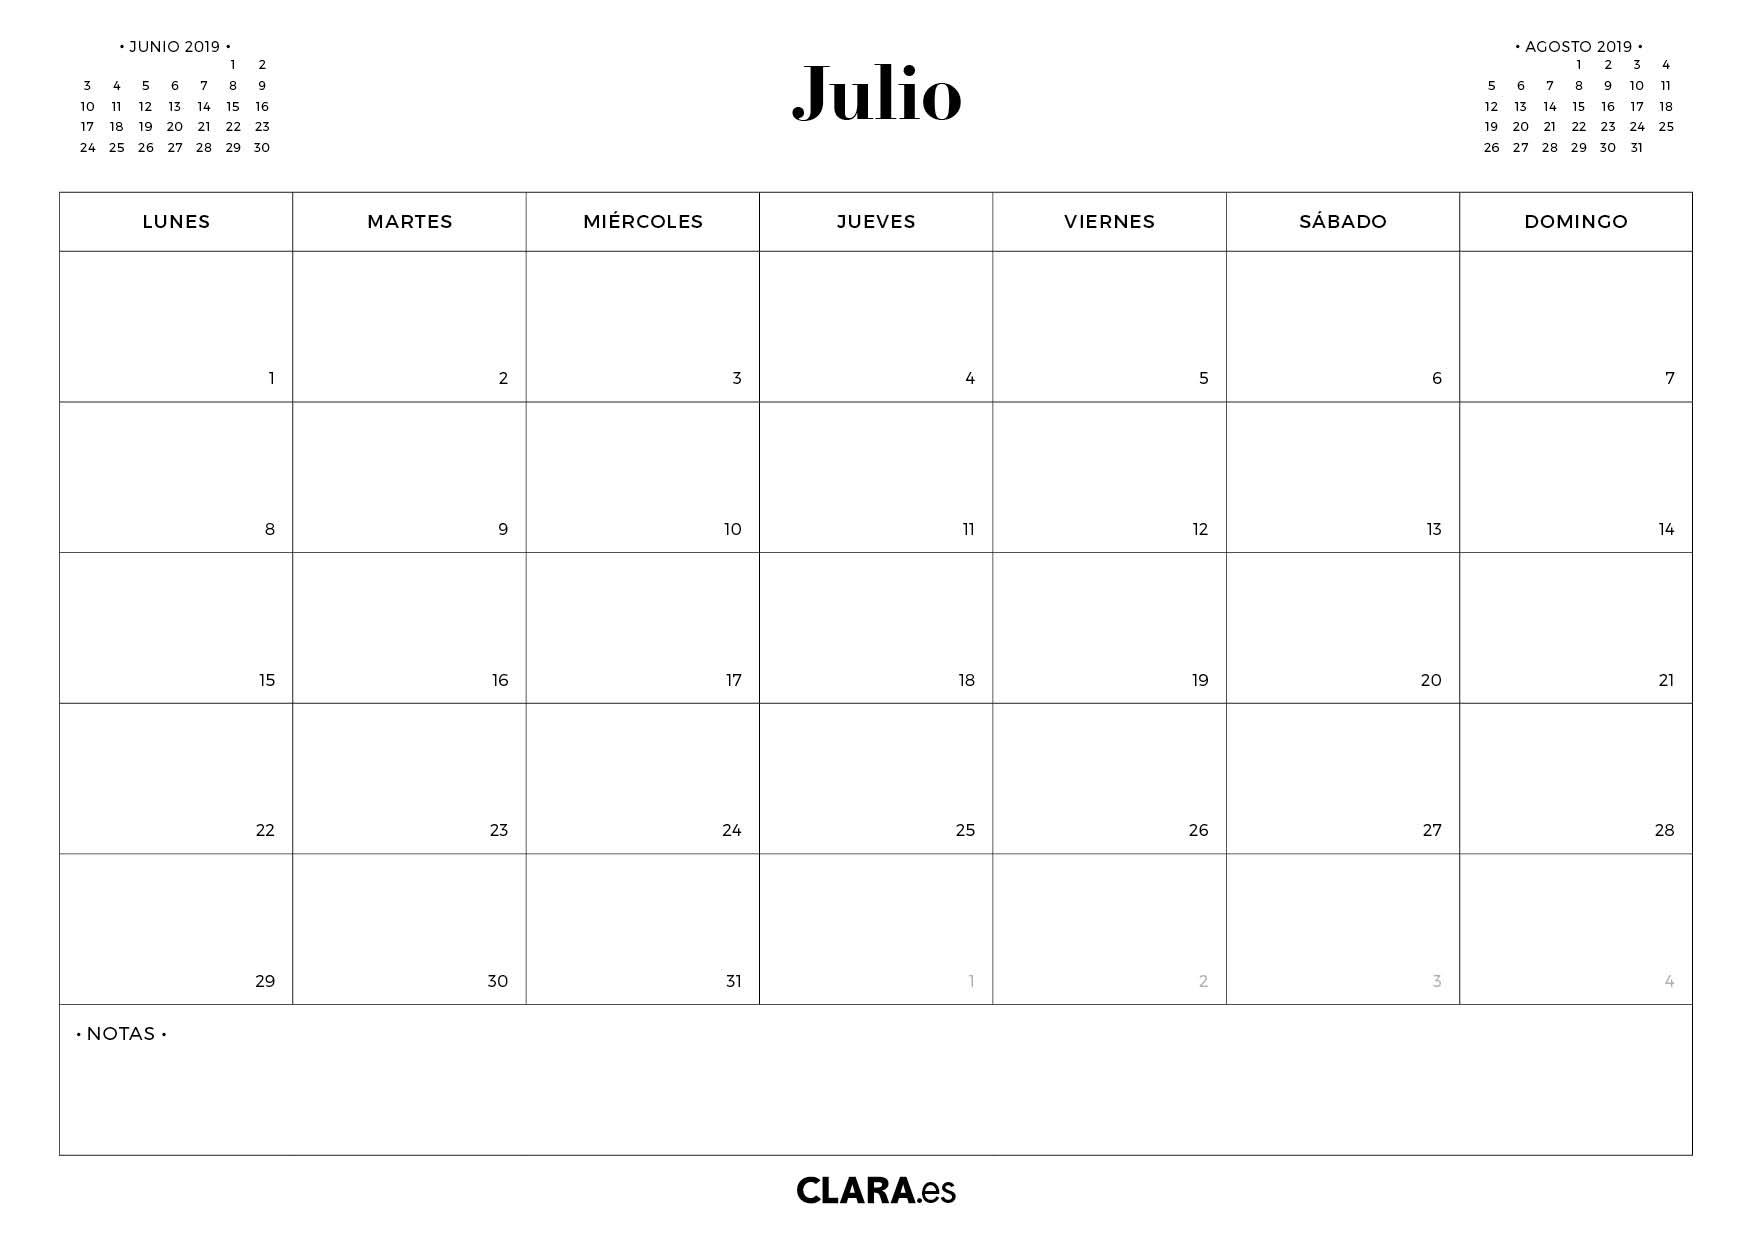 Calendario 2019 Para Imprimir Gratis.Calendario Julio 2019 Para Imprimir Gratis En Pdf Y Jpg